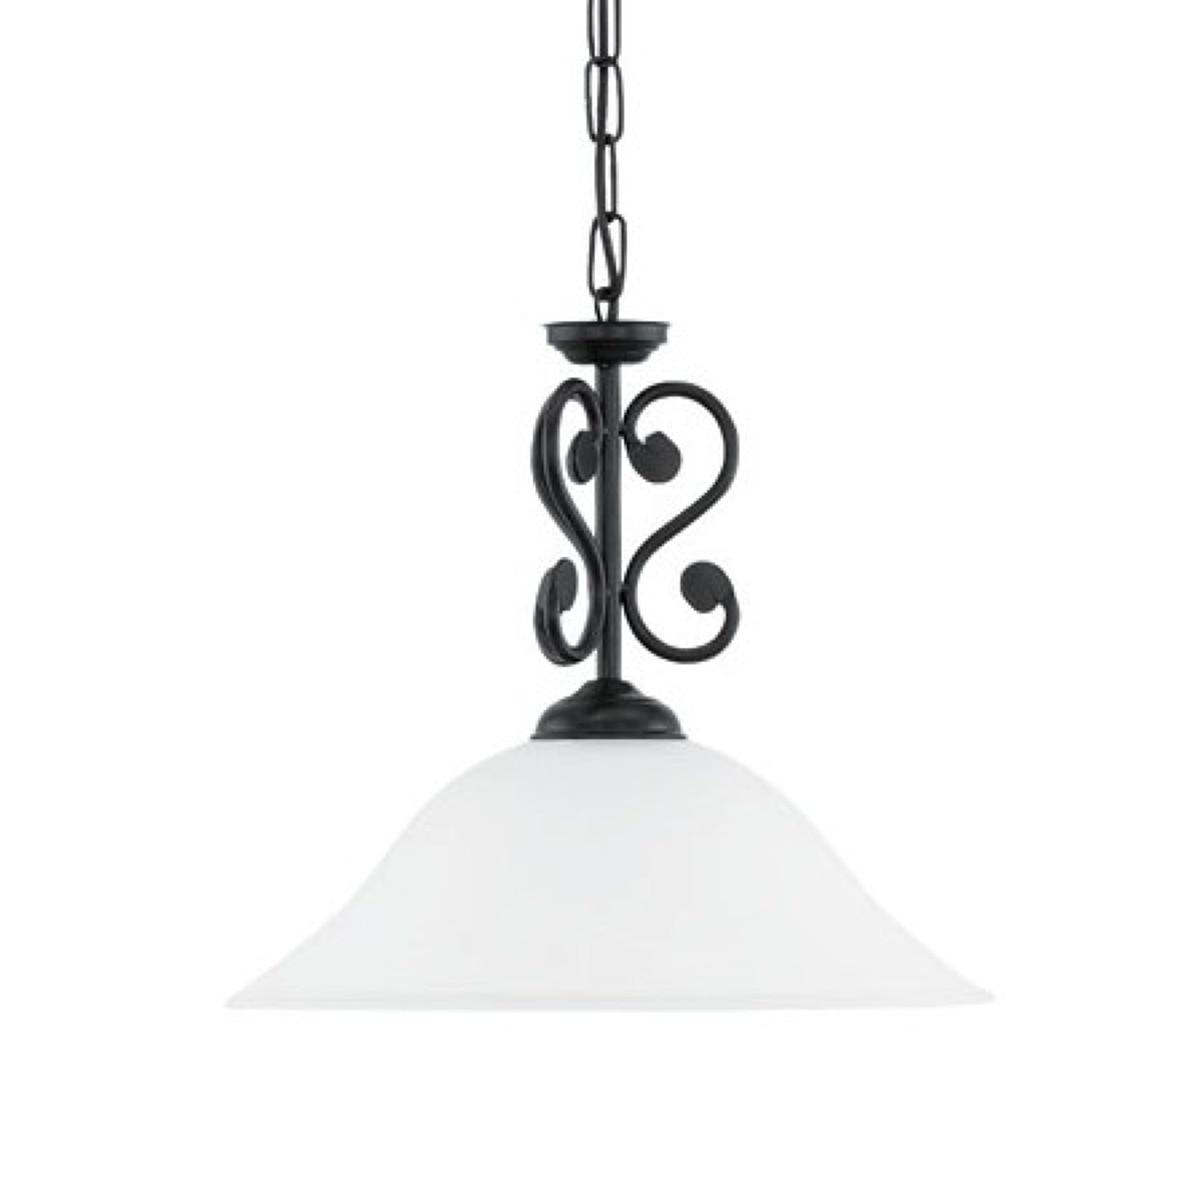 Lampa wisząca MURCIA 1 Eglo styl rustykalny pałacowy dworkowy stal nierdzewna szkło alabastrowe czarny biały 91002